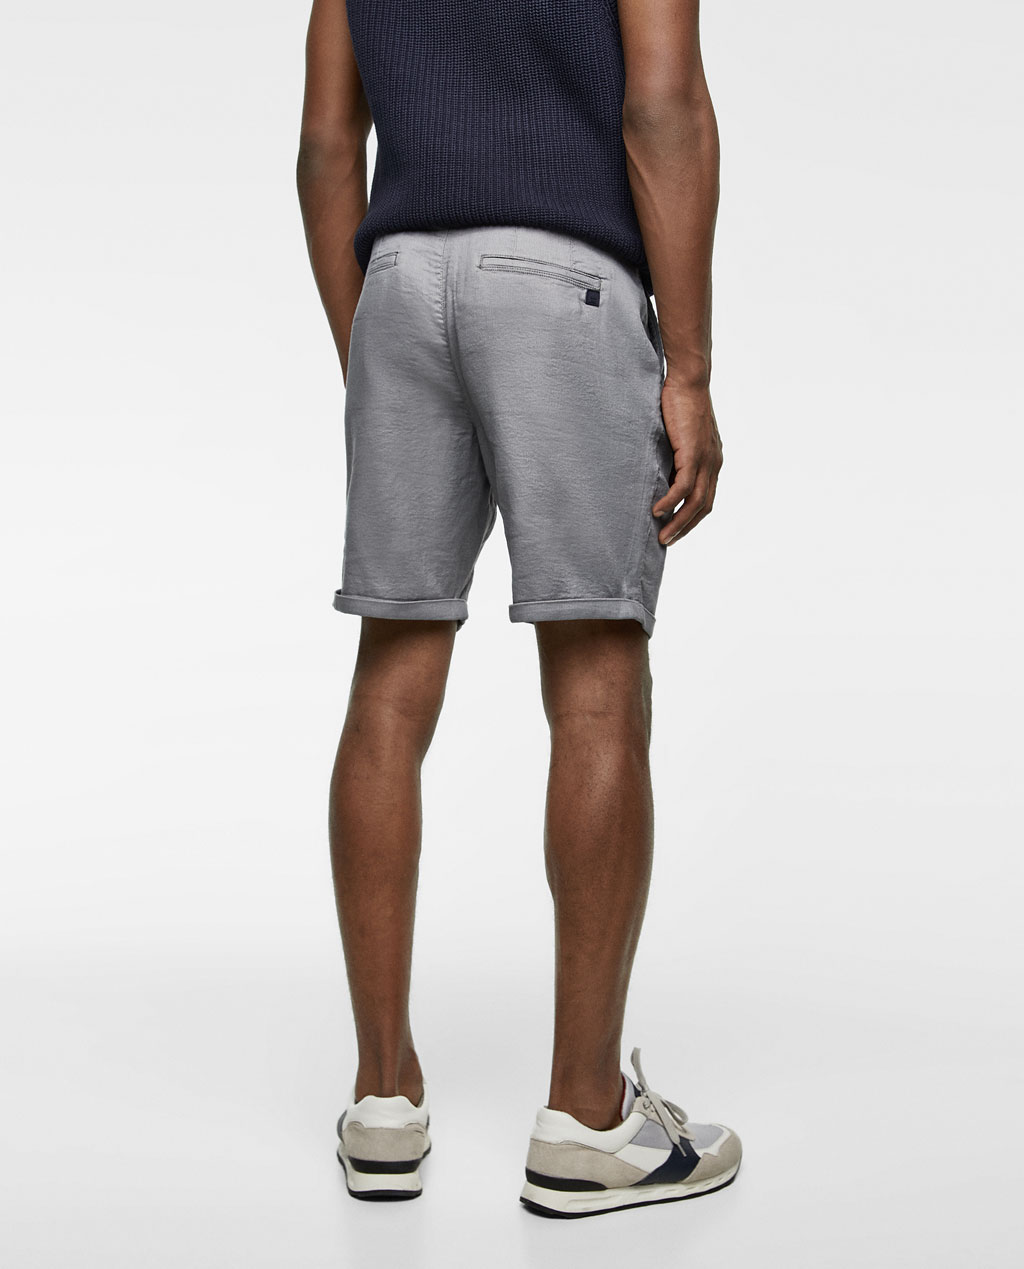 Thời trang nam Zara  23939 - ảnh 5